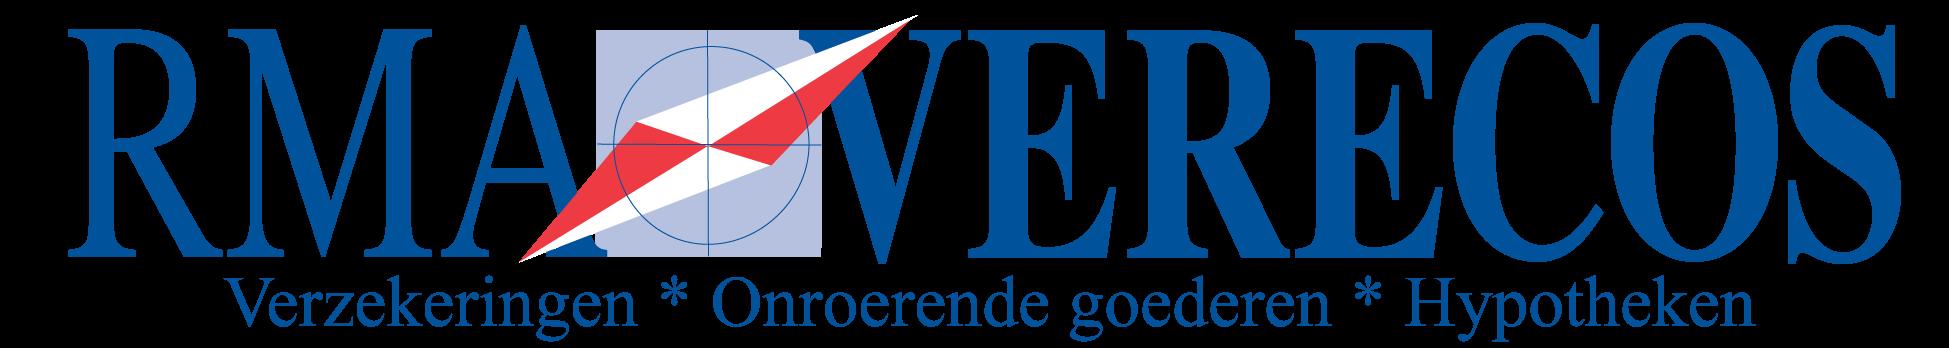 Logo RMA VERECOS Makelaardij